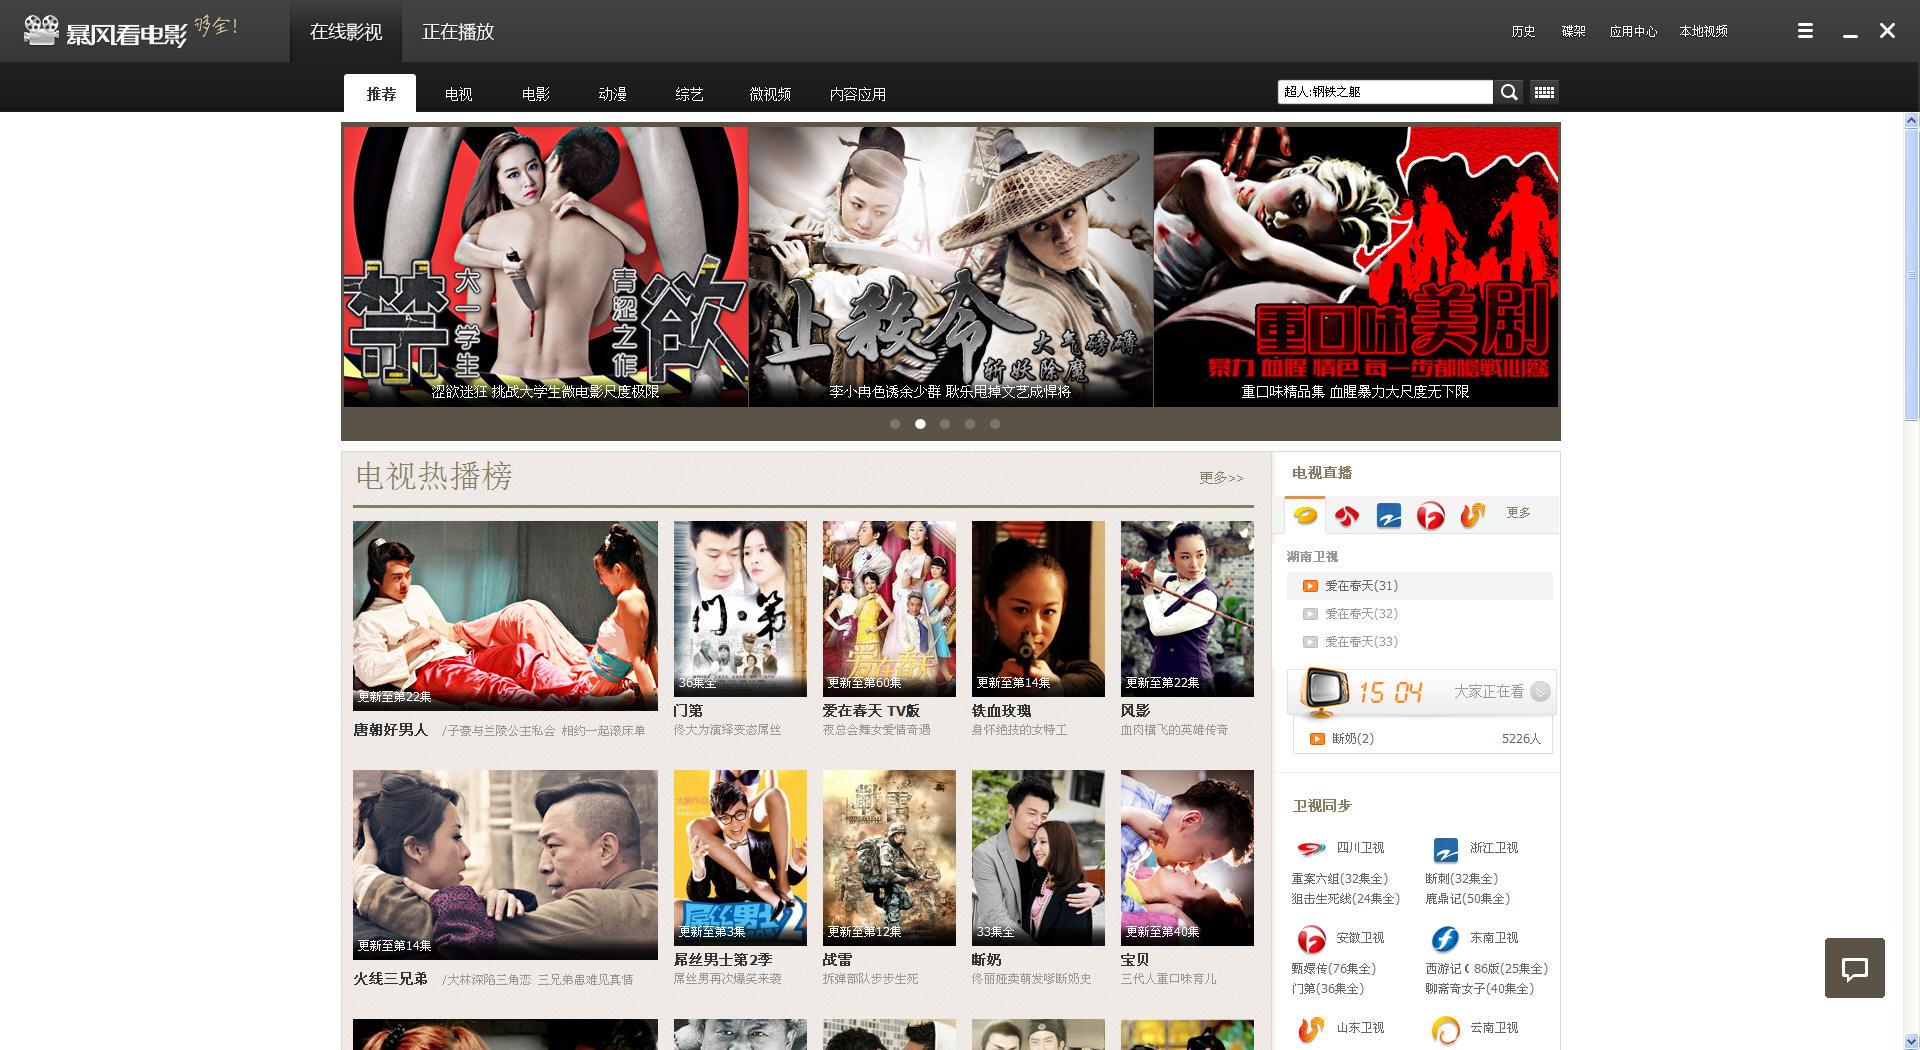 暴风看电影V2.13.1231 简体中文官方安装版截图3